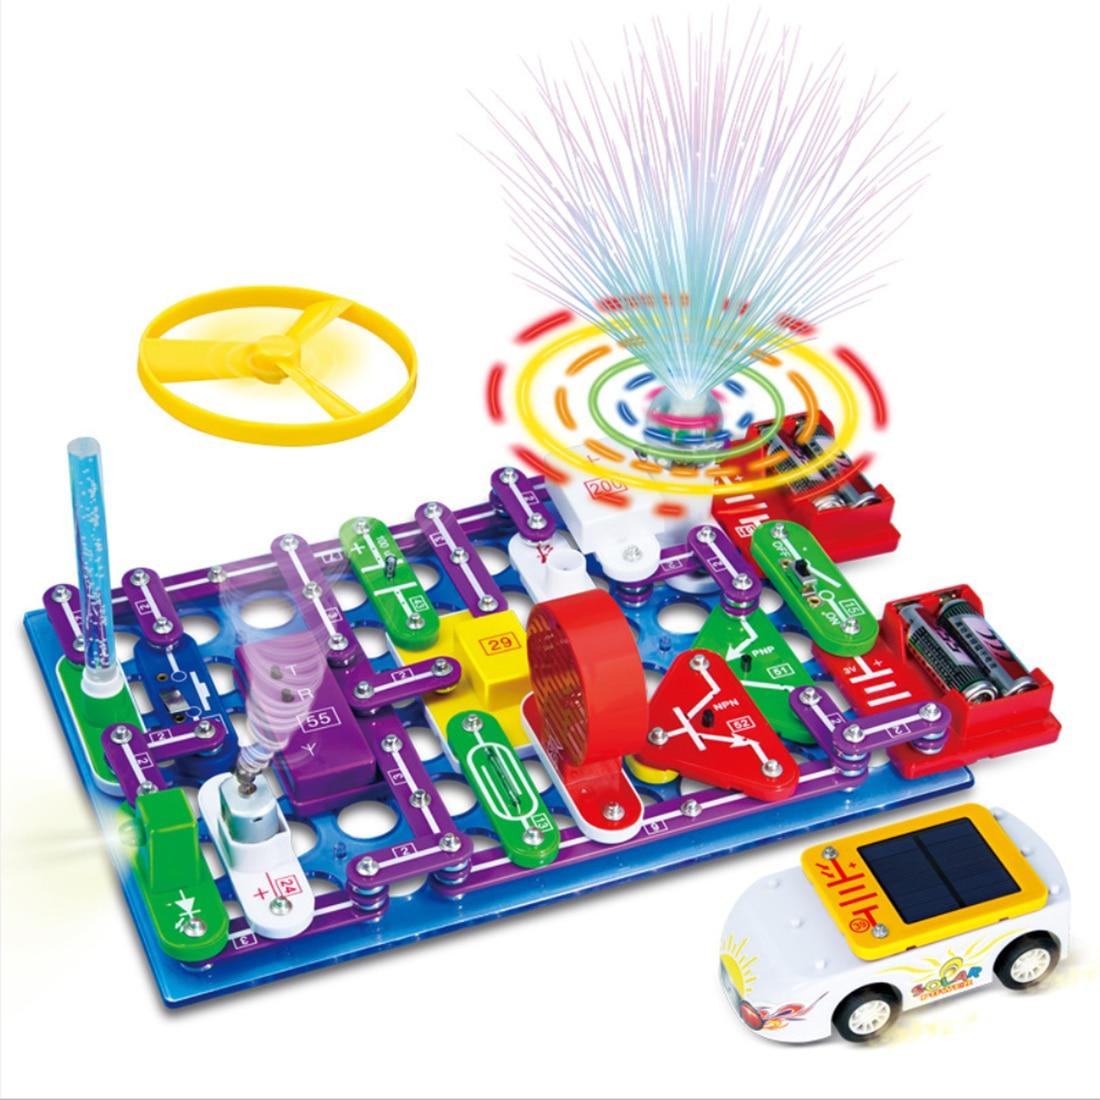 DIY электронные строительные блоки цепи собранные кирпичи цепи научная игрушка строительство и строительство игрушки блоки